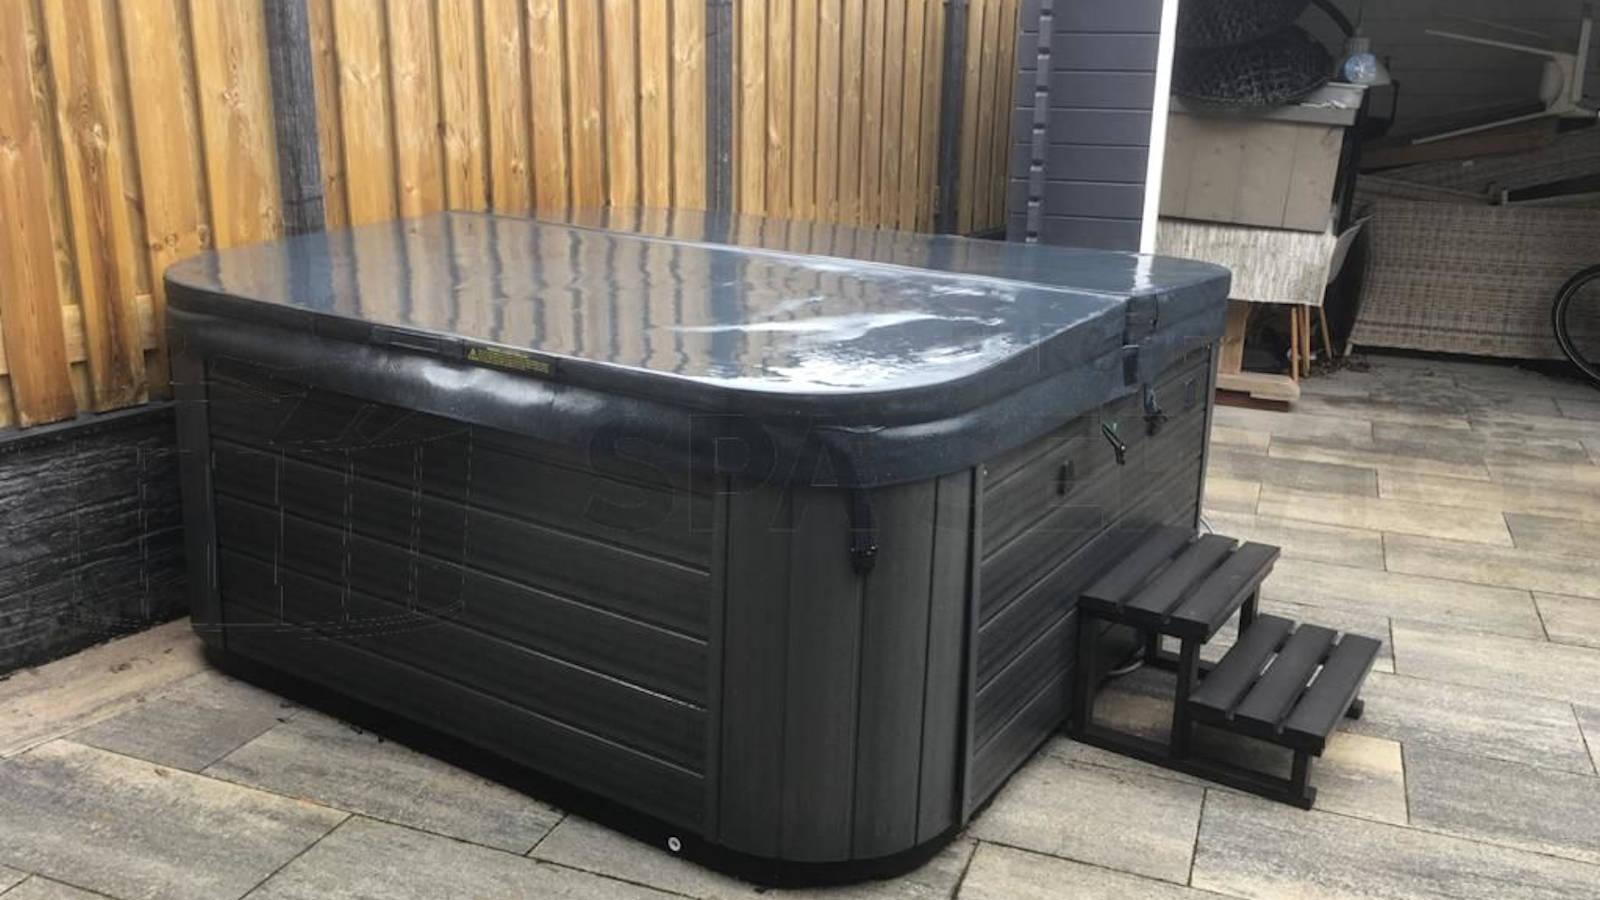 Installatie van een warmtepomp op een Spanet besturing van een spa in Julianadorp